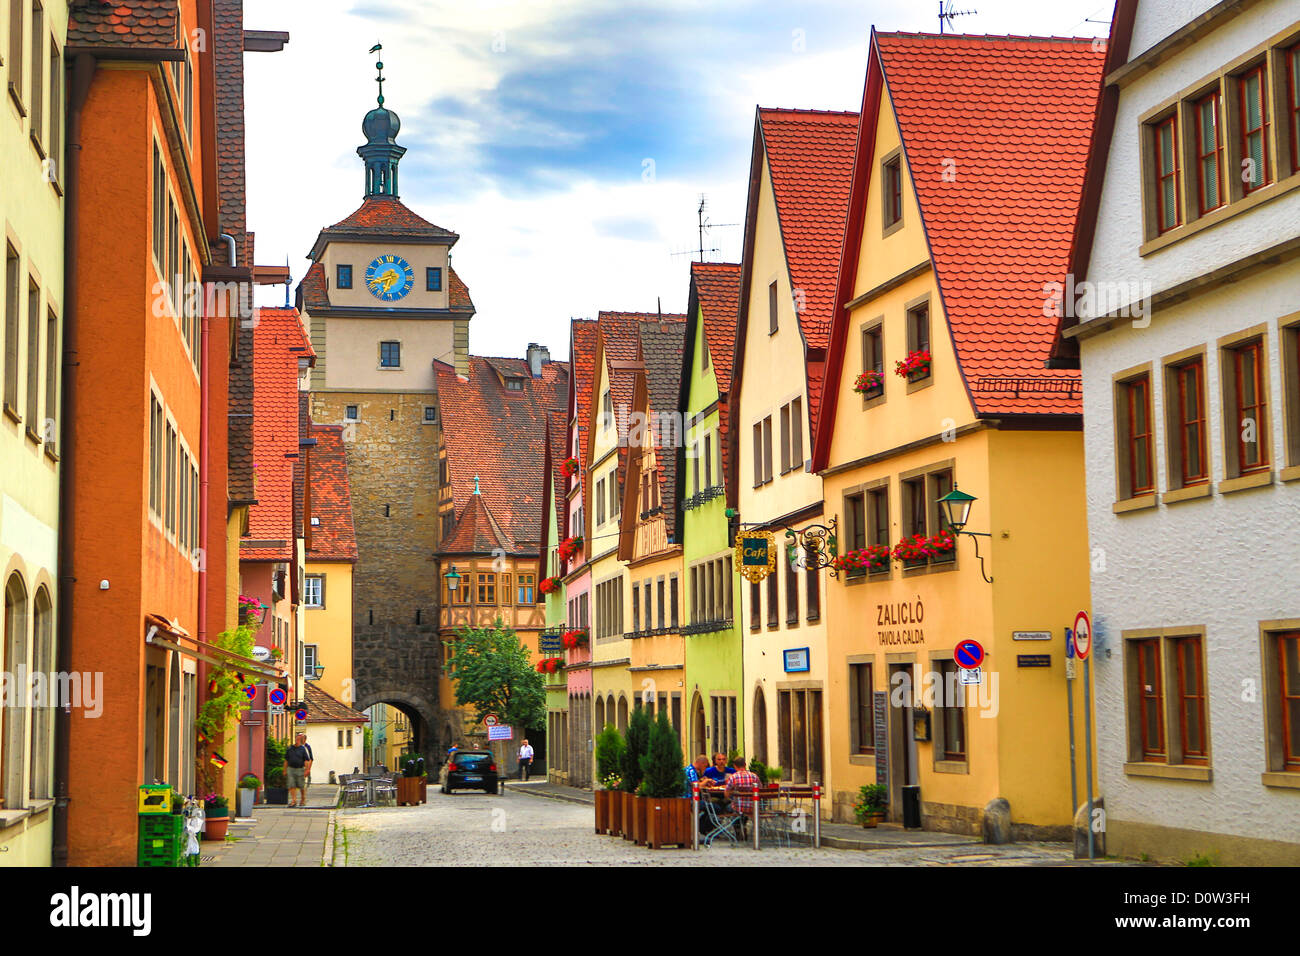 Germany, Europe, travel, Rothenburg, Romantic Road, Galgengasse, Street, architecture, Bavaria, colourful, Germany, - Stock Image